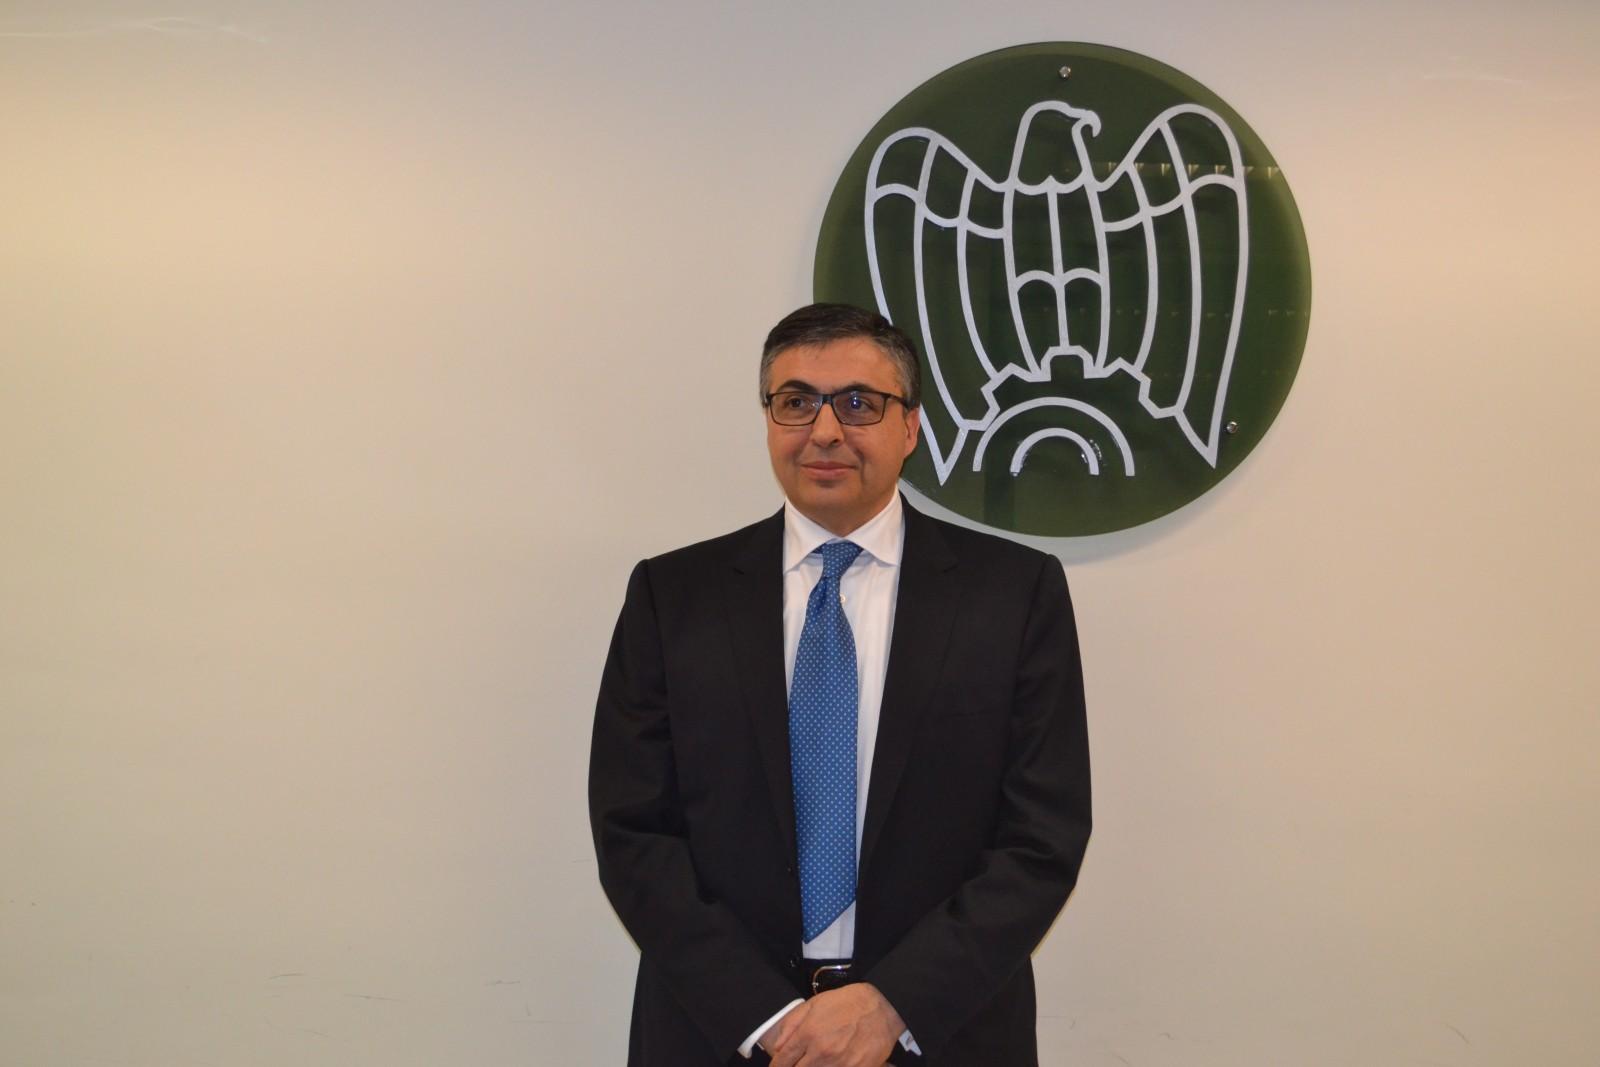 Confindustria: Giuseppe Mauro neo presidente della Sezione Alimentare